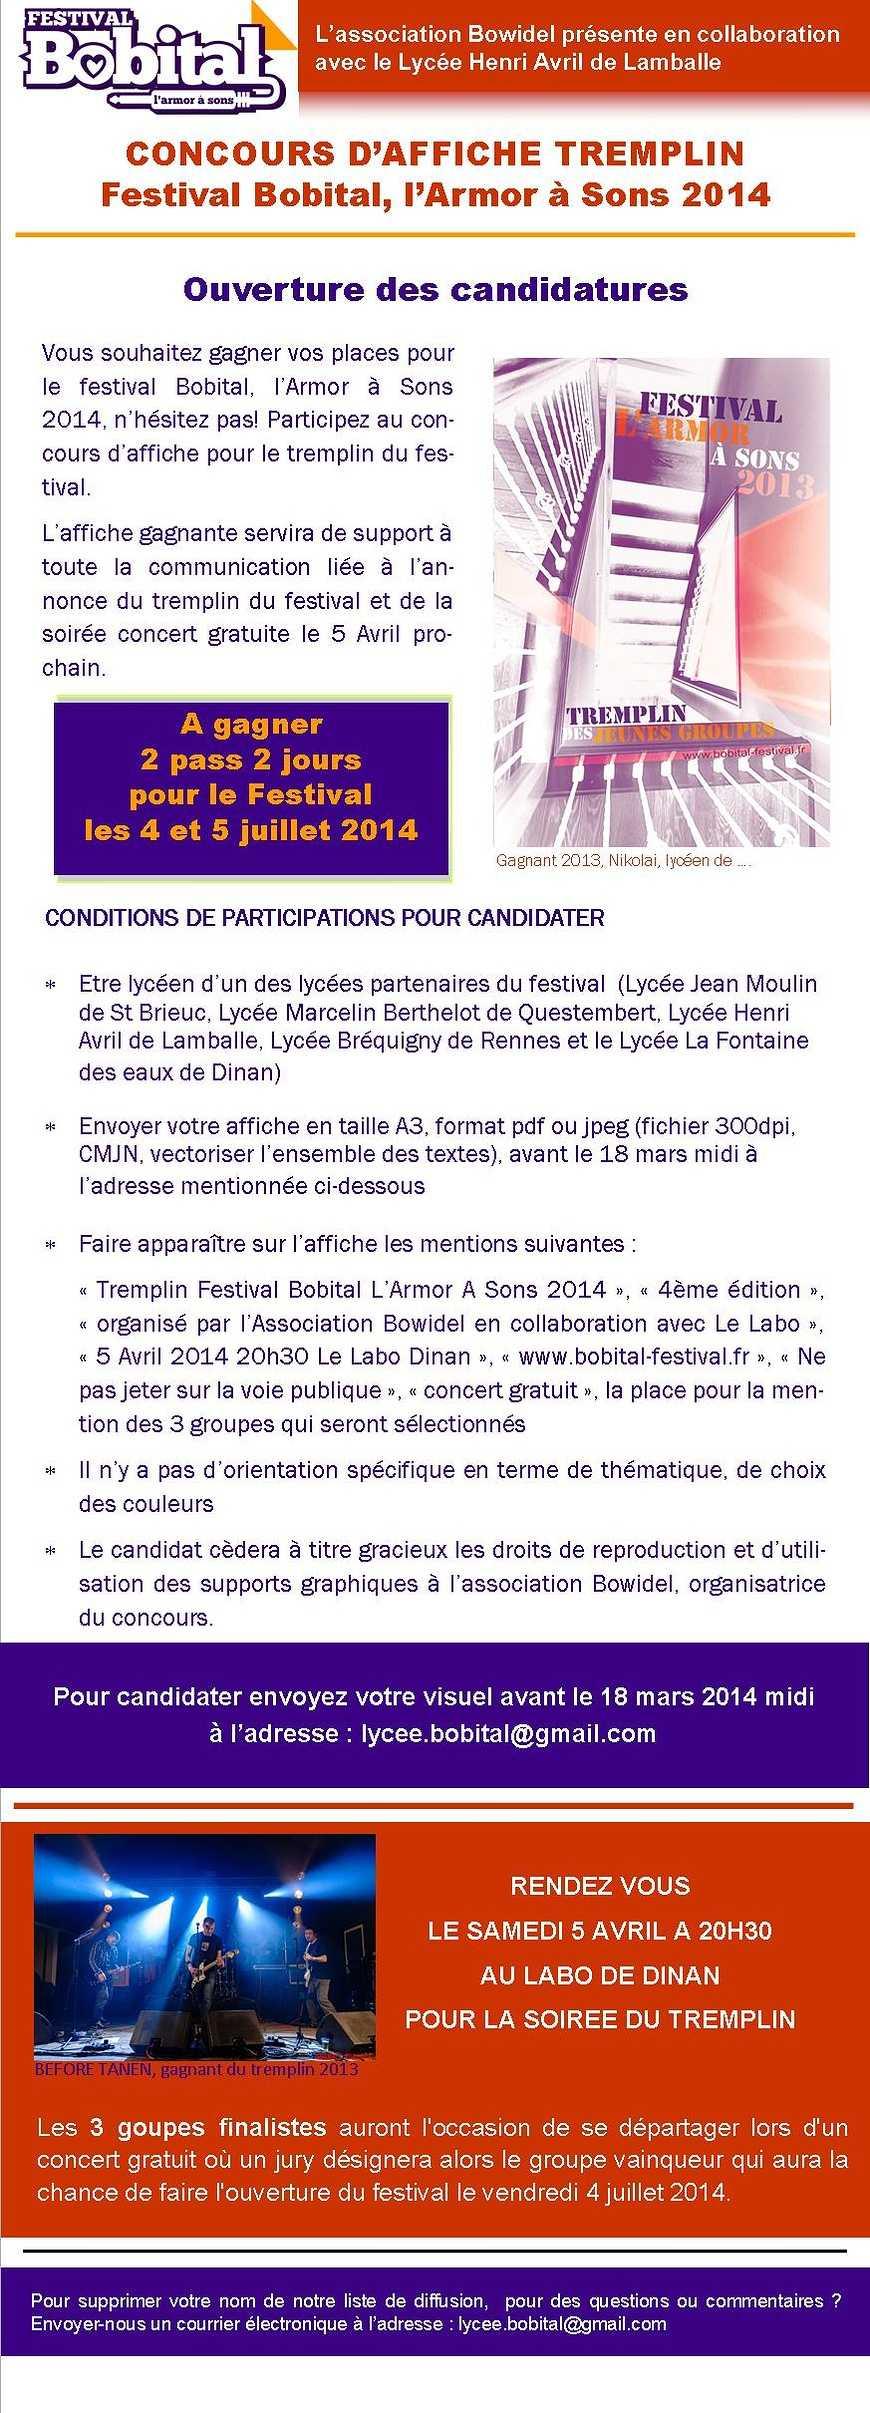 Concours d''affiche tremplin, festival Bobital 0